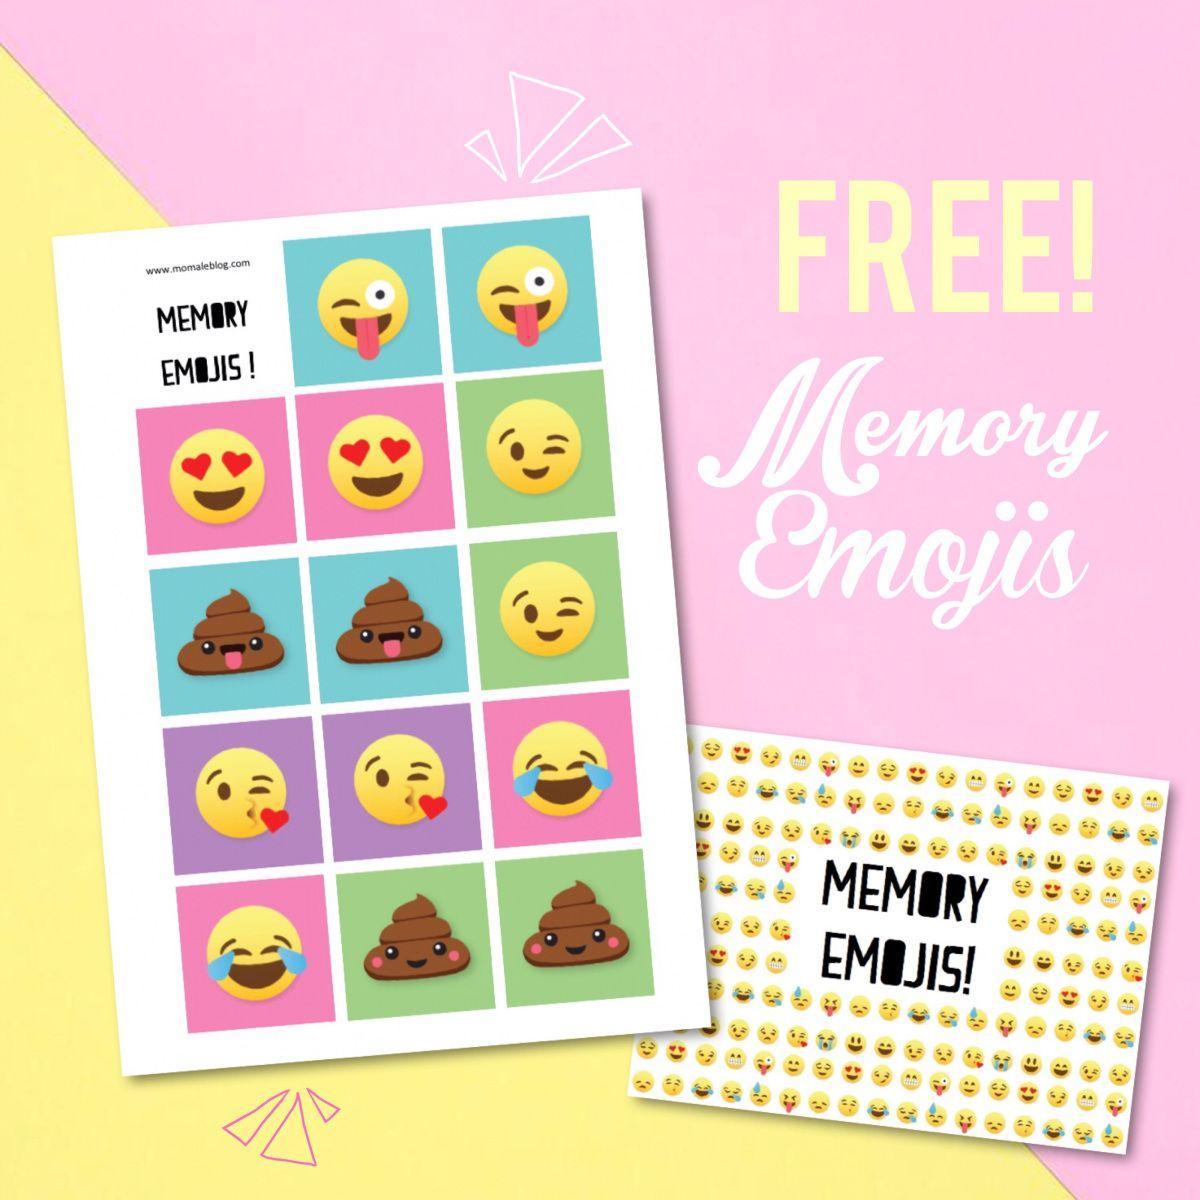 Free} Memory Emojis À Imprimer! | Jeux A Imprimer, Free Et A tout Memory Enfant Gratuit